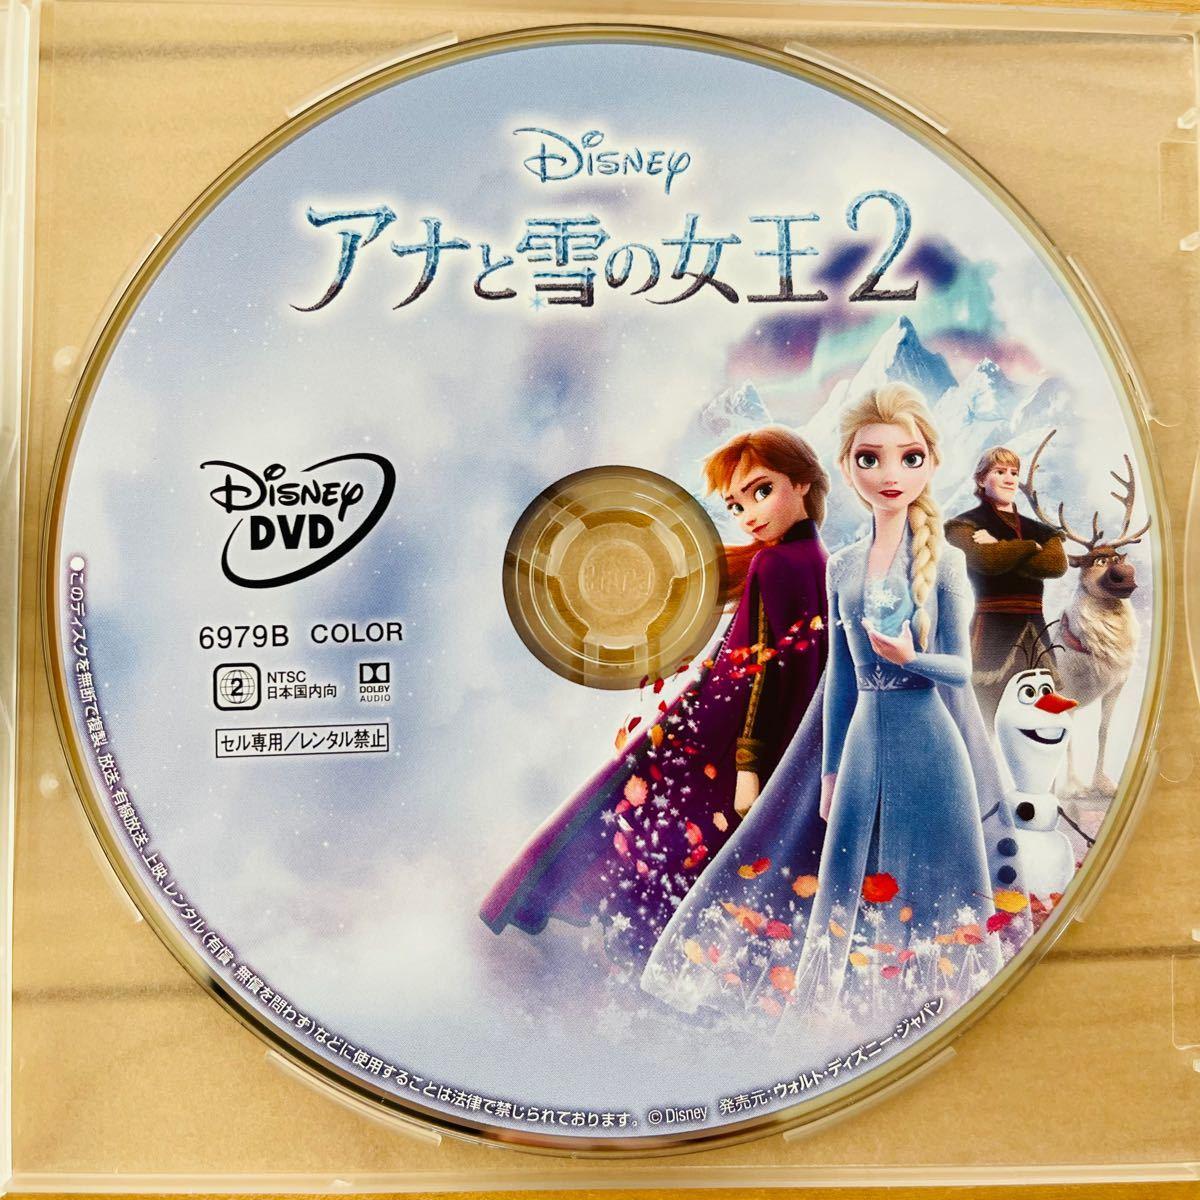 【DVD3枚セット】トイストーリー4、美女と野獣、アナと雪の女王2 未使用DVD ディズニープリンセス 新品未再生